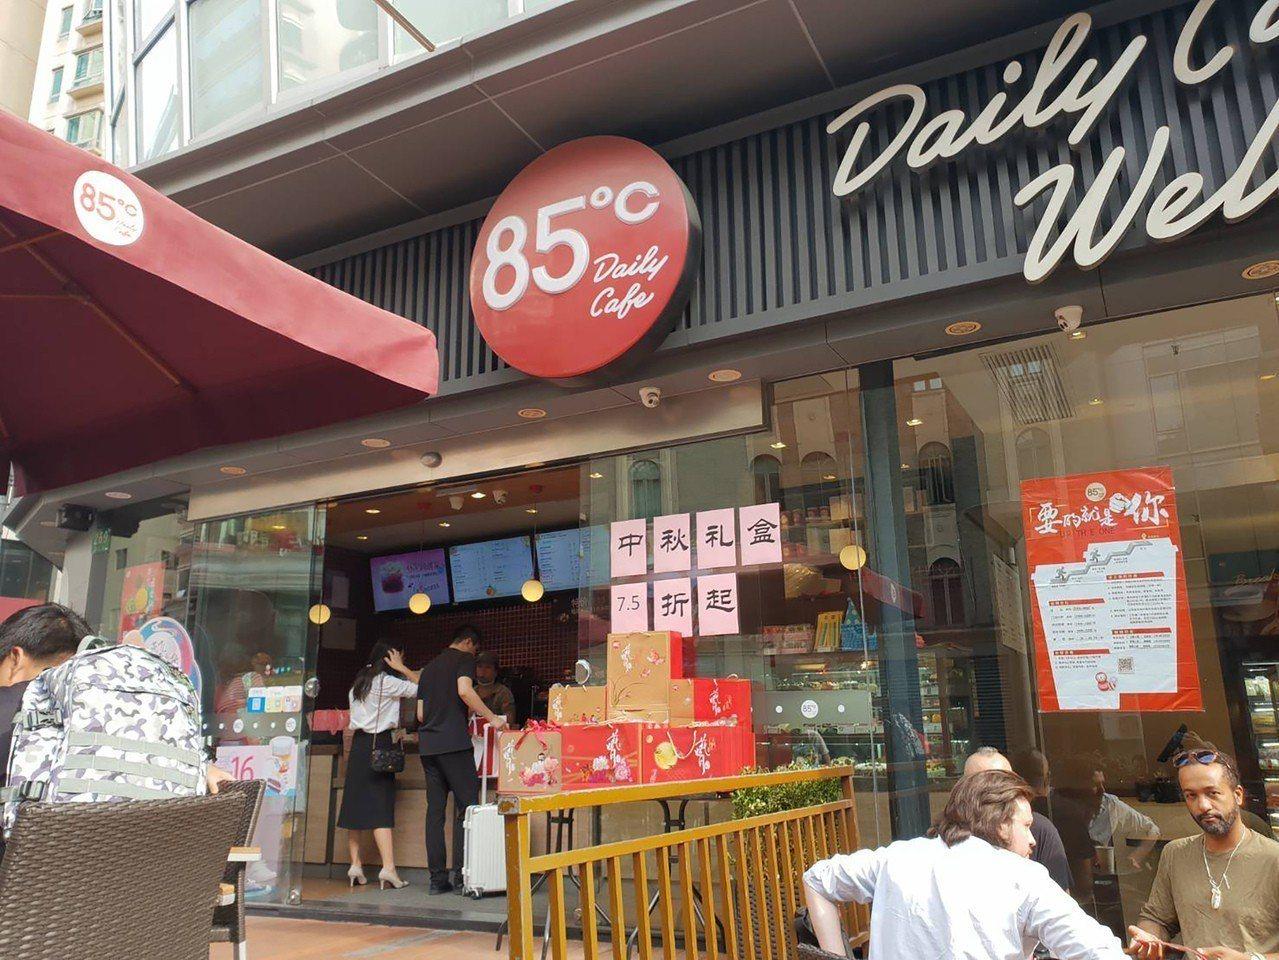 美食-KY旗下85度C受到兩岸敏感政治議題波及,目前仍未重回中國主要外送平台,上...